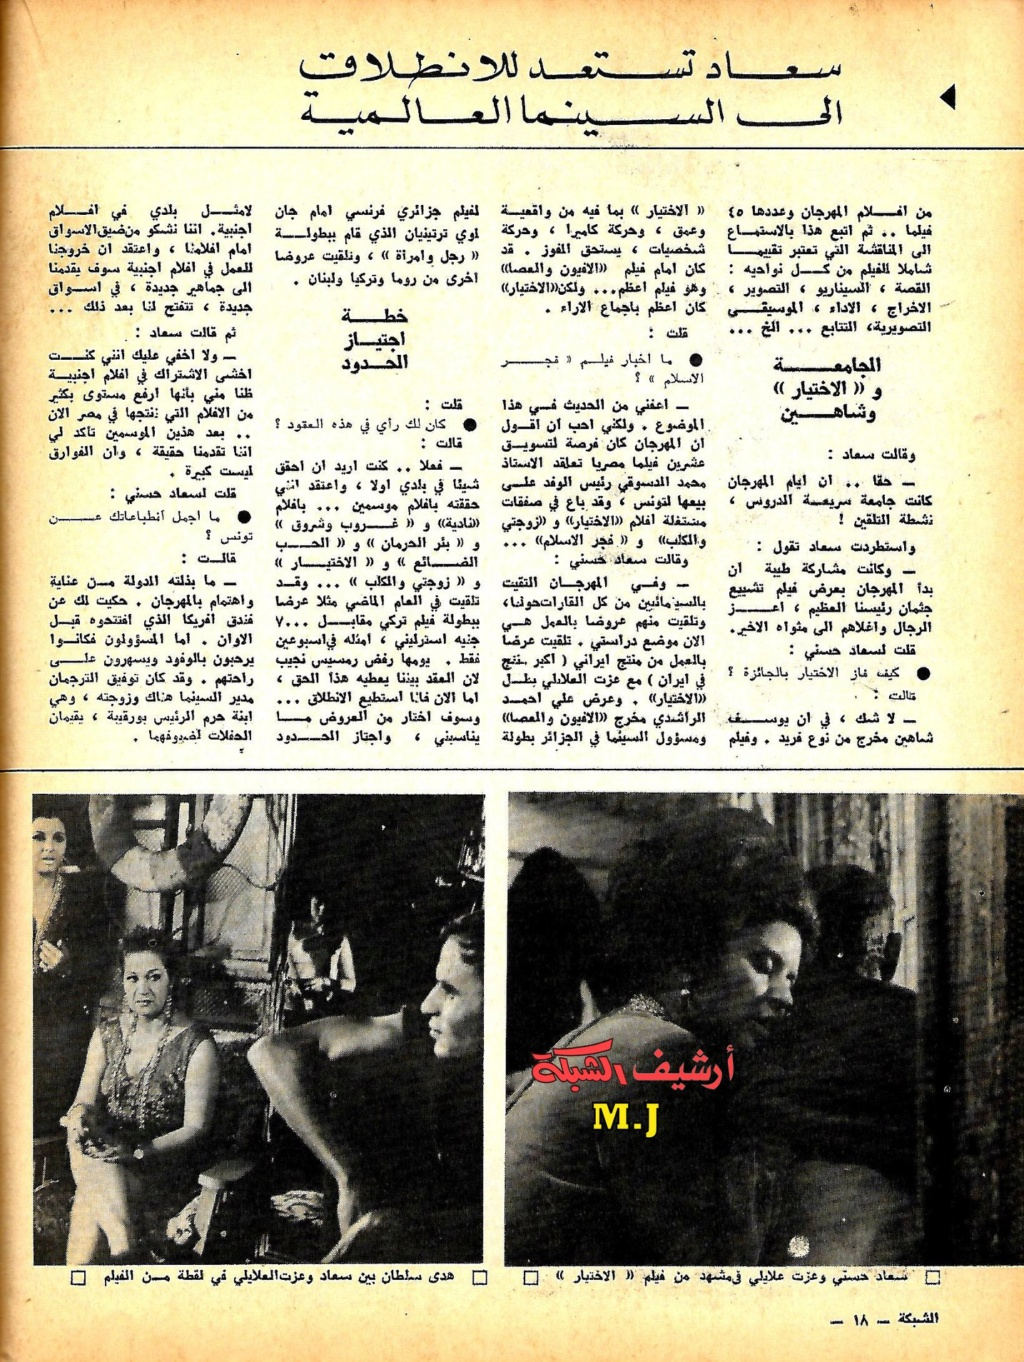 حوار - حوار صحفي : سعاد حسني .. نفرتيتي في مهرجان تونس 1970 م 310